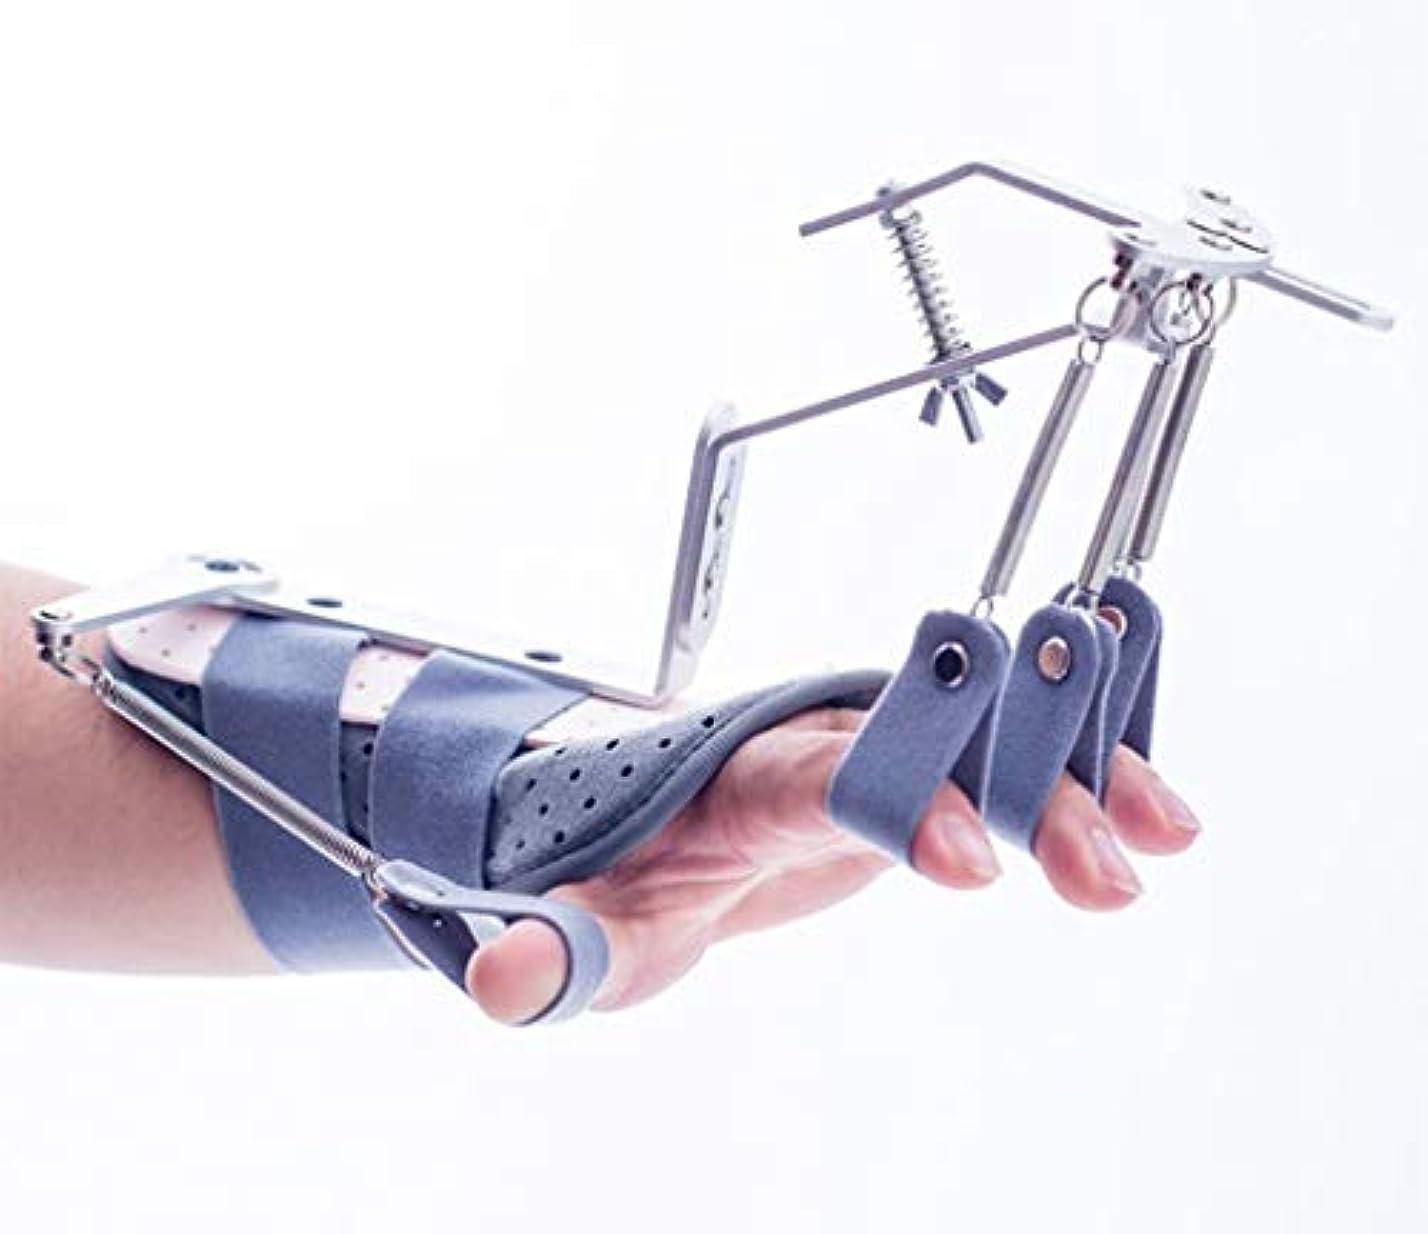 満足させる抽象化面手指装具 フィンガーエクササイザー機器 適切な 脳梗塞の場合 血栓症脳卒中部 片麻痺保護